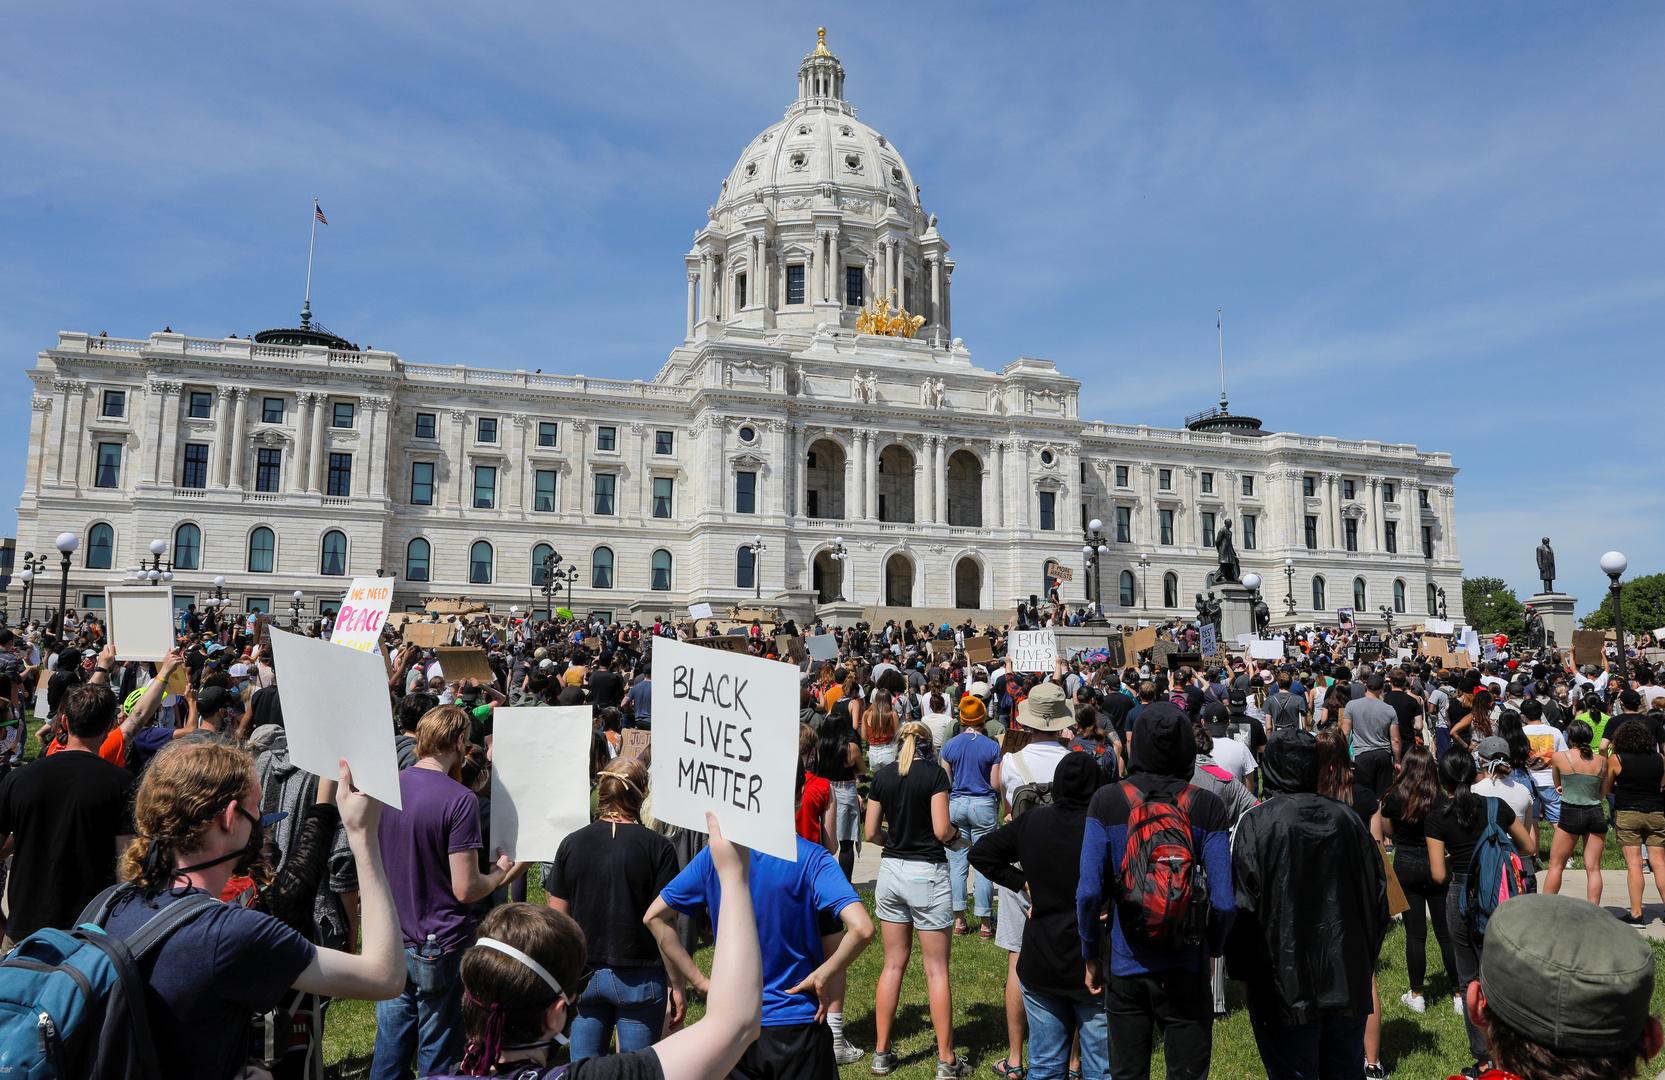 تجدد الاحتجاجات في الولايات المتحدة ومتظاهرون يطالبون برحيل ترامب